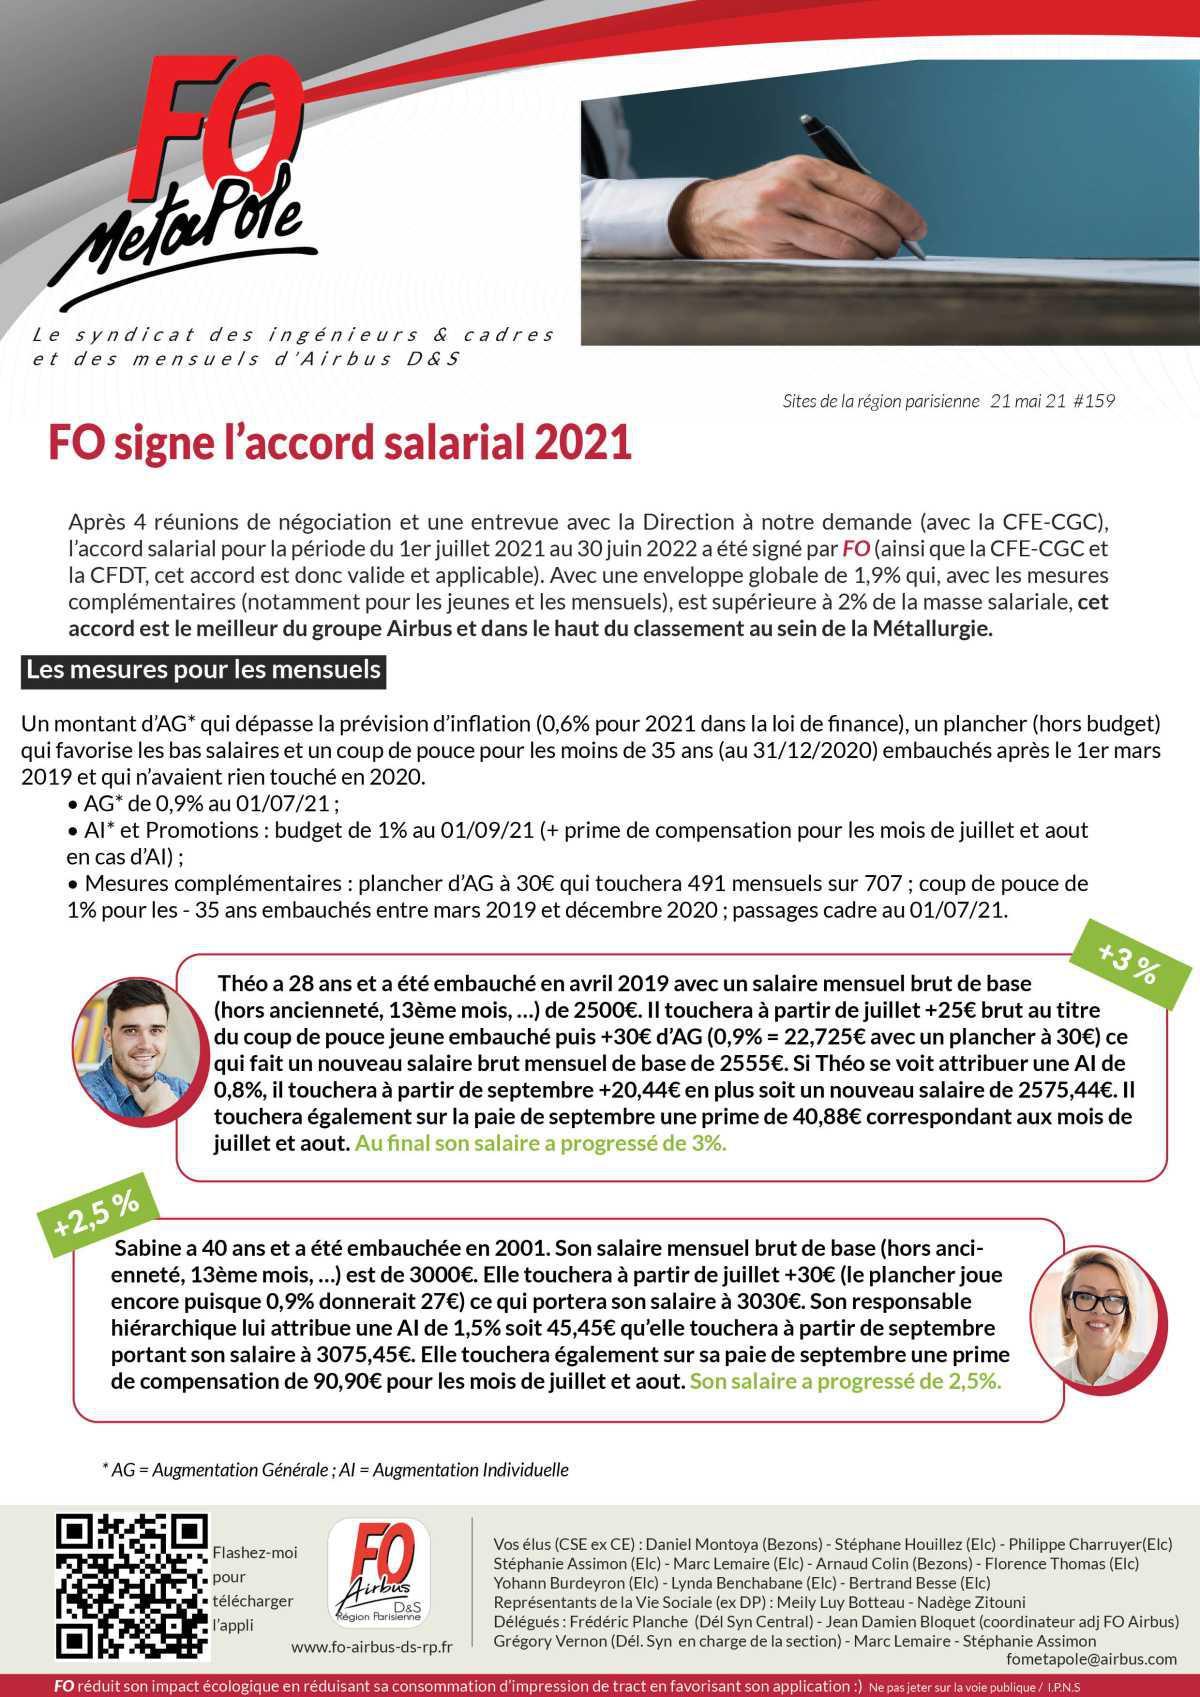 FO signe la politique salariale 2021 - 5 cas pour vous l'expliquer